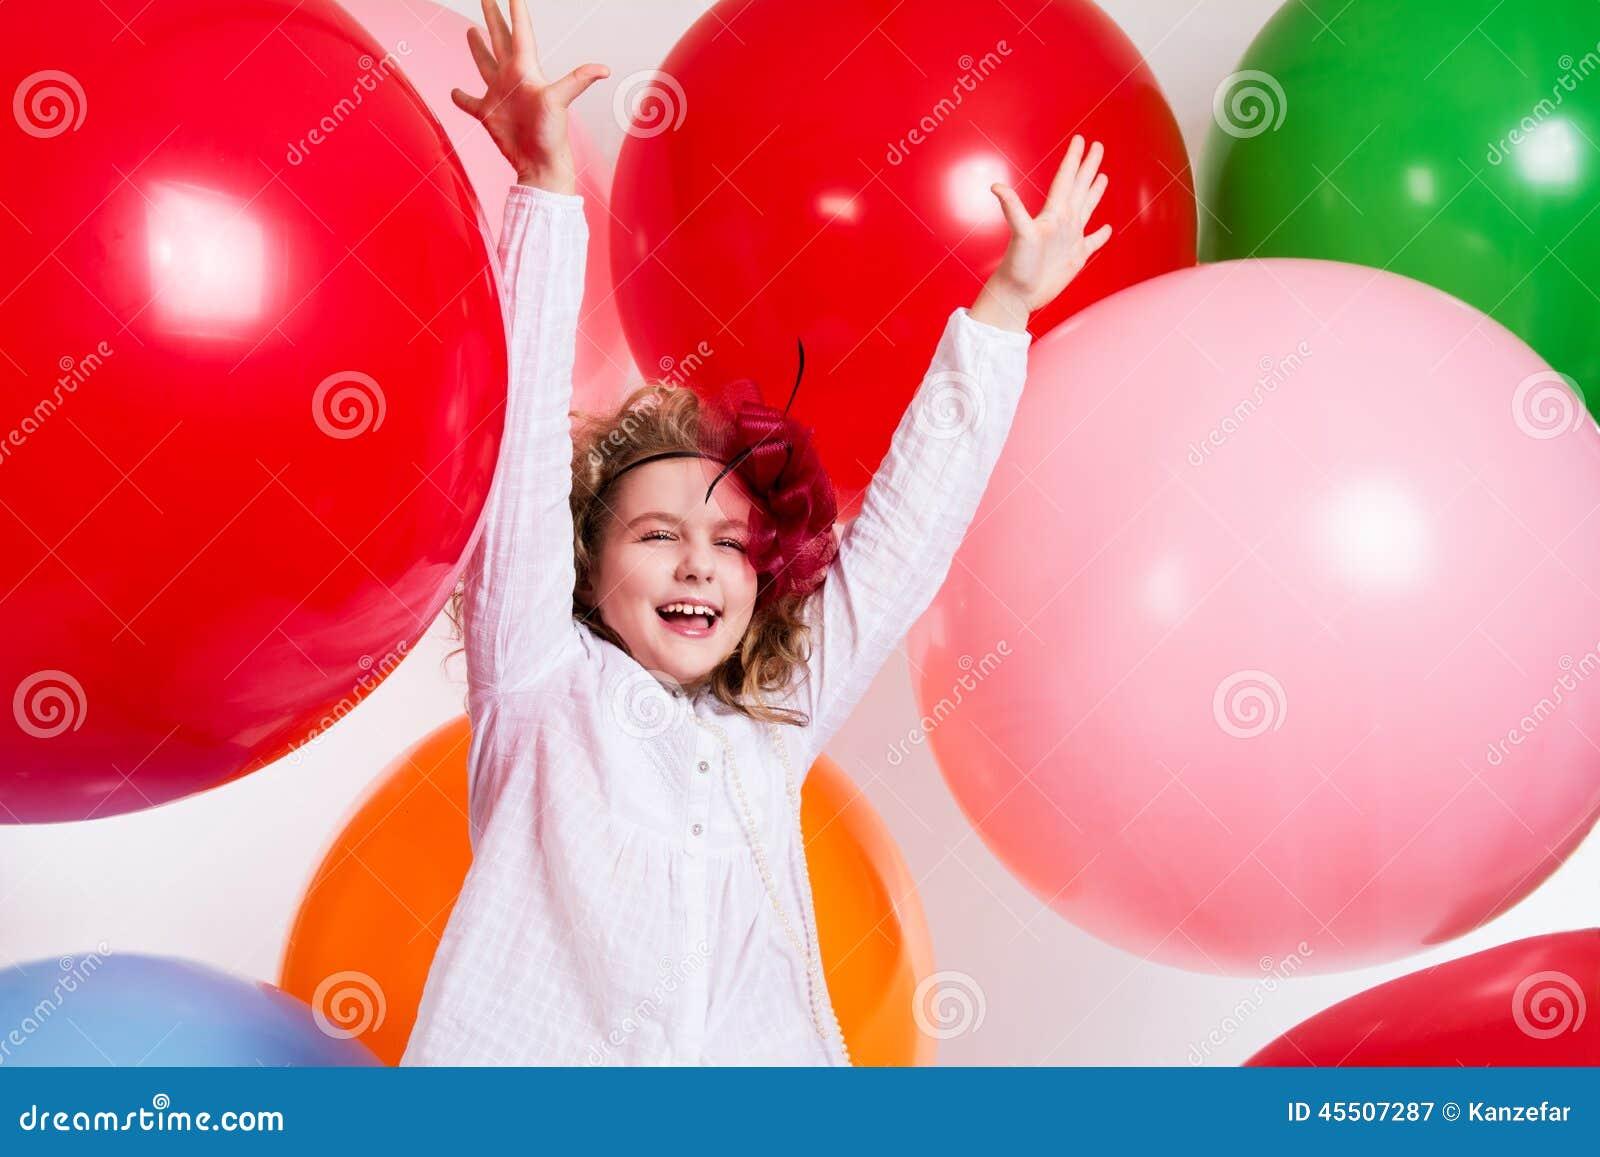 Schastivaya radosna dziewczyna na wielcy balony